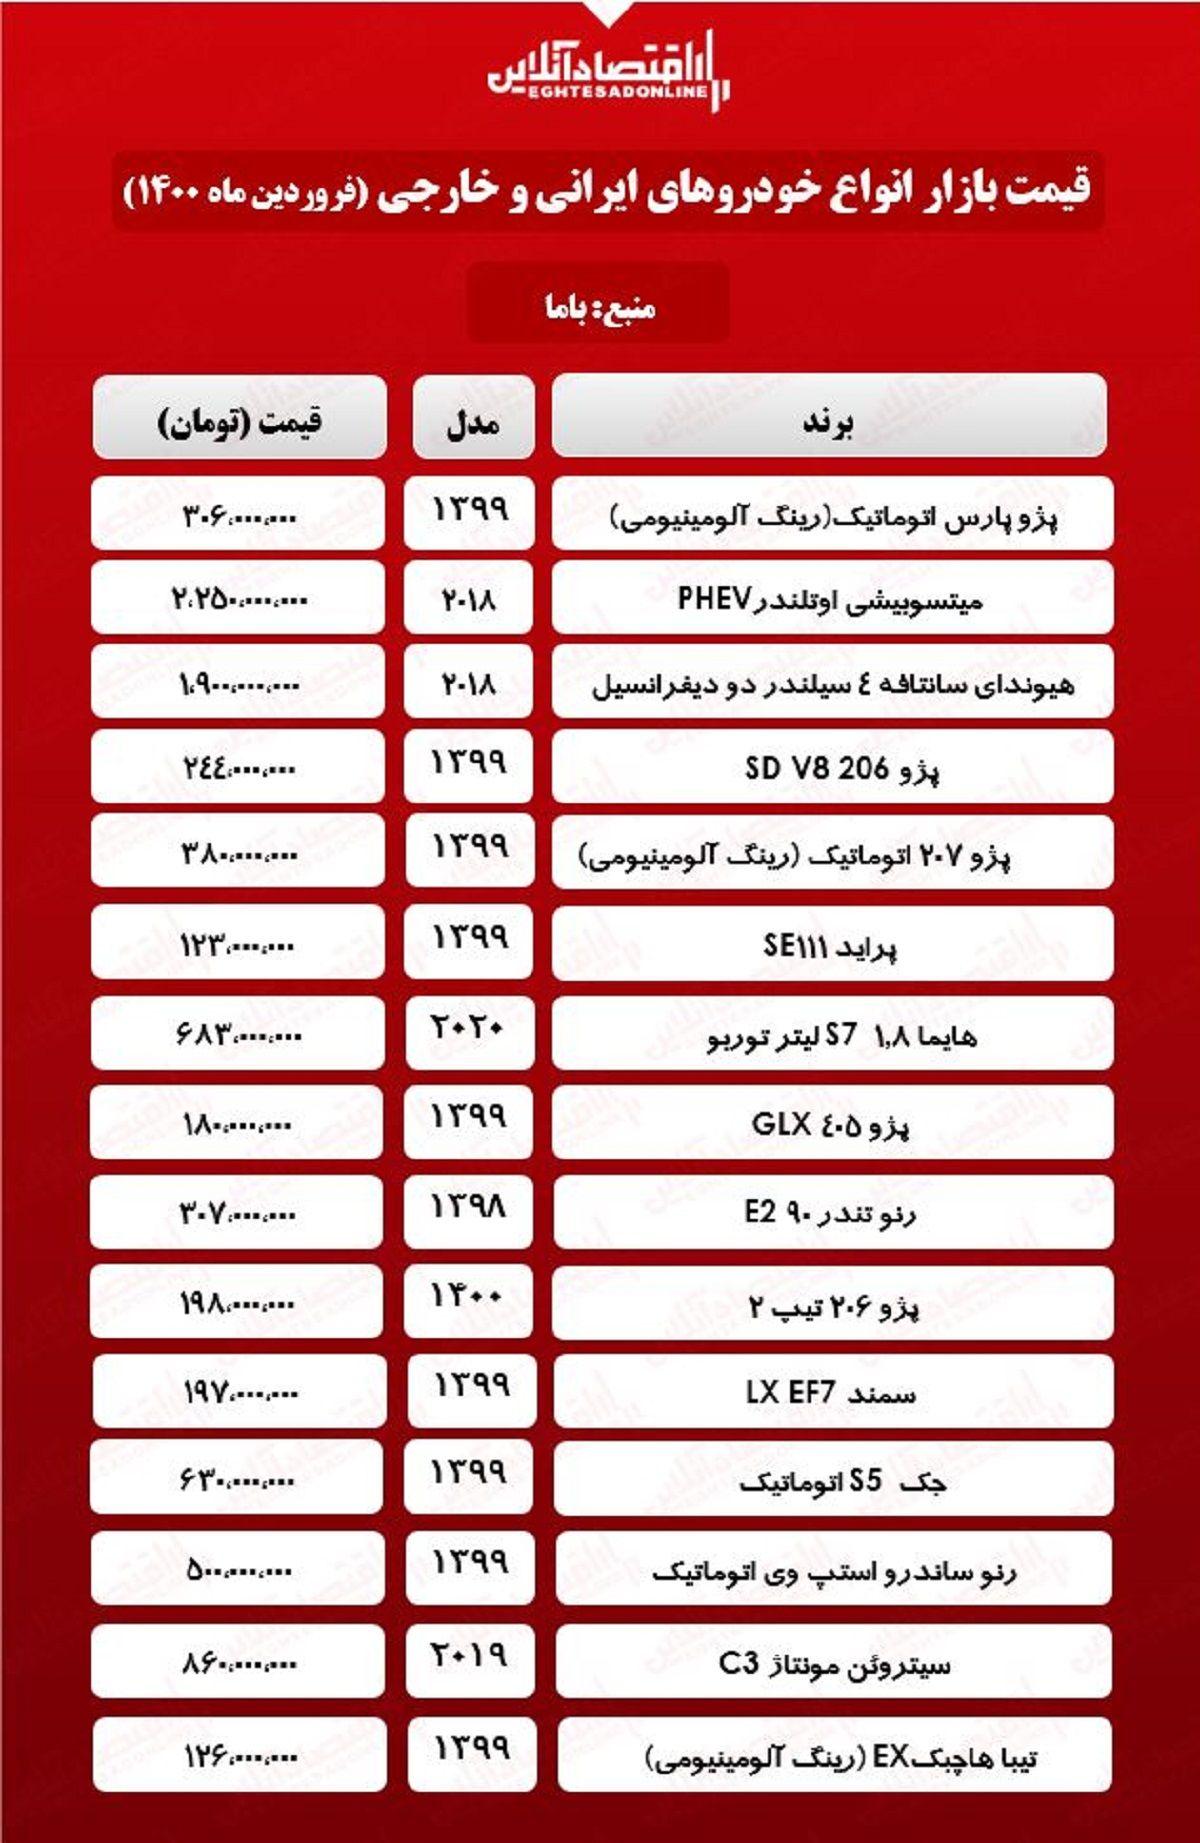 قیمت خودرو امروز ۱۴۰۰/۱/۱۱